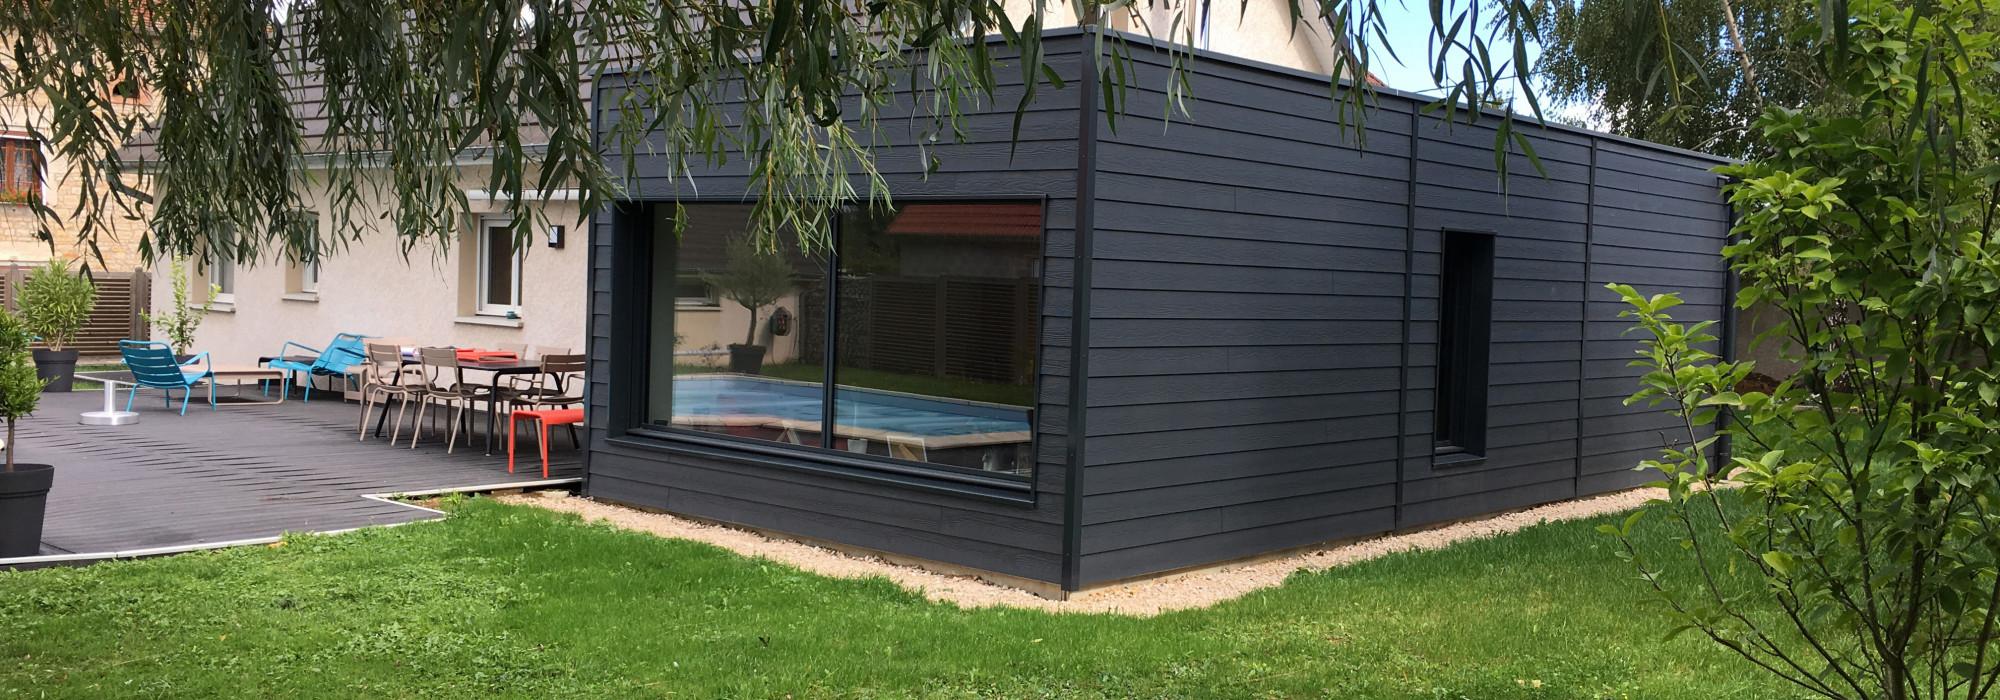 Ossature Bois Doubs Bois Passion Devis Maison Et Extension